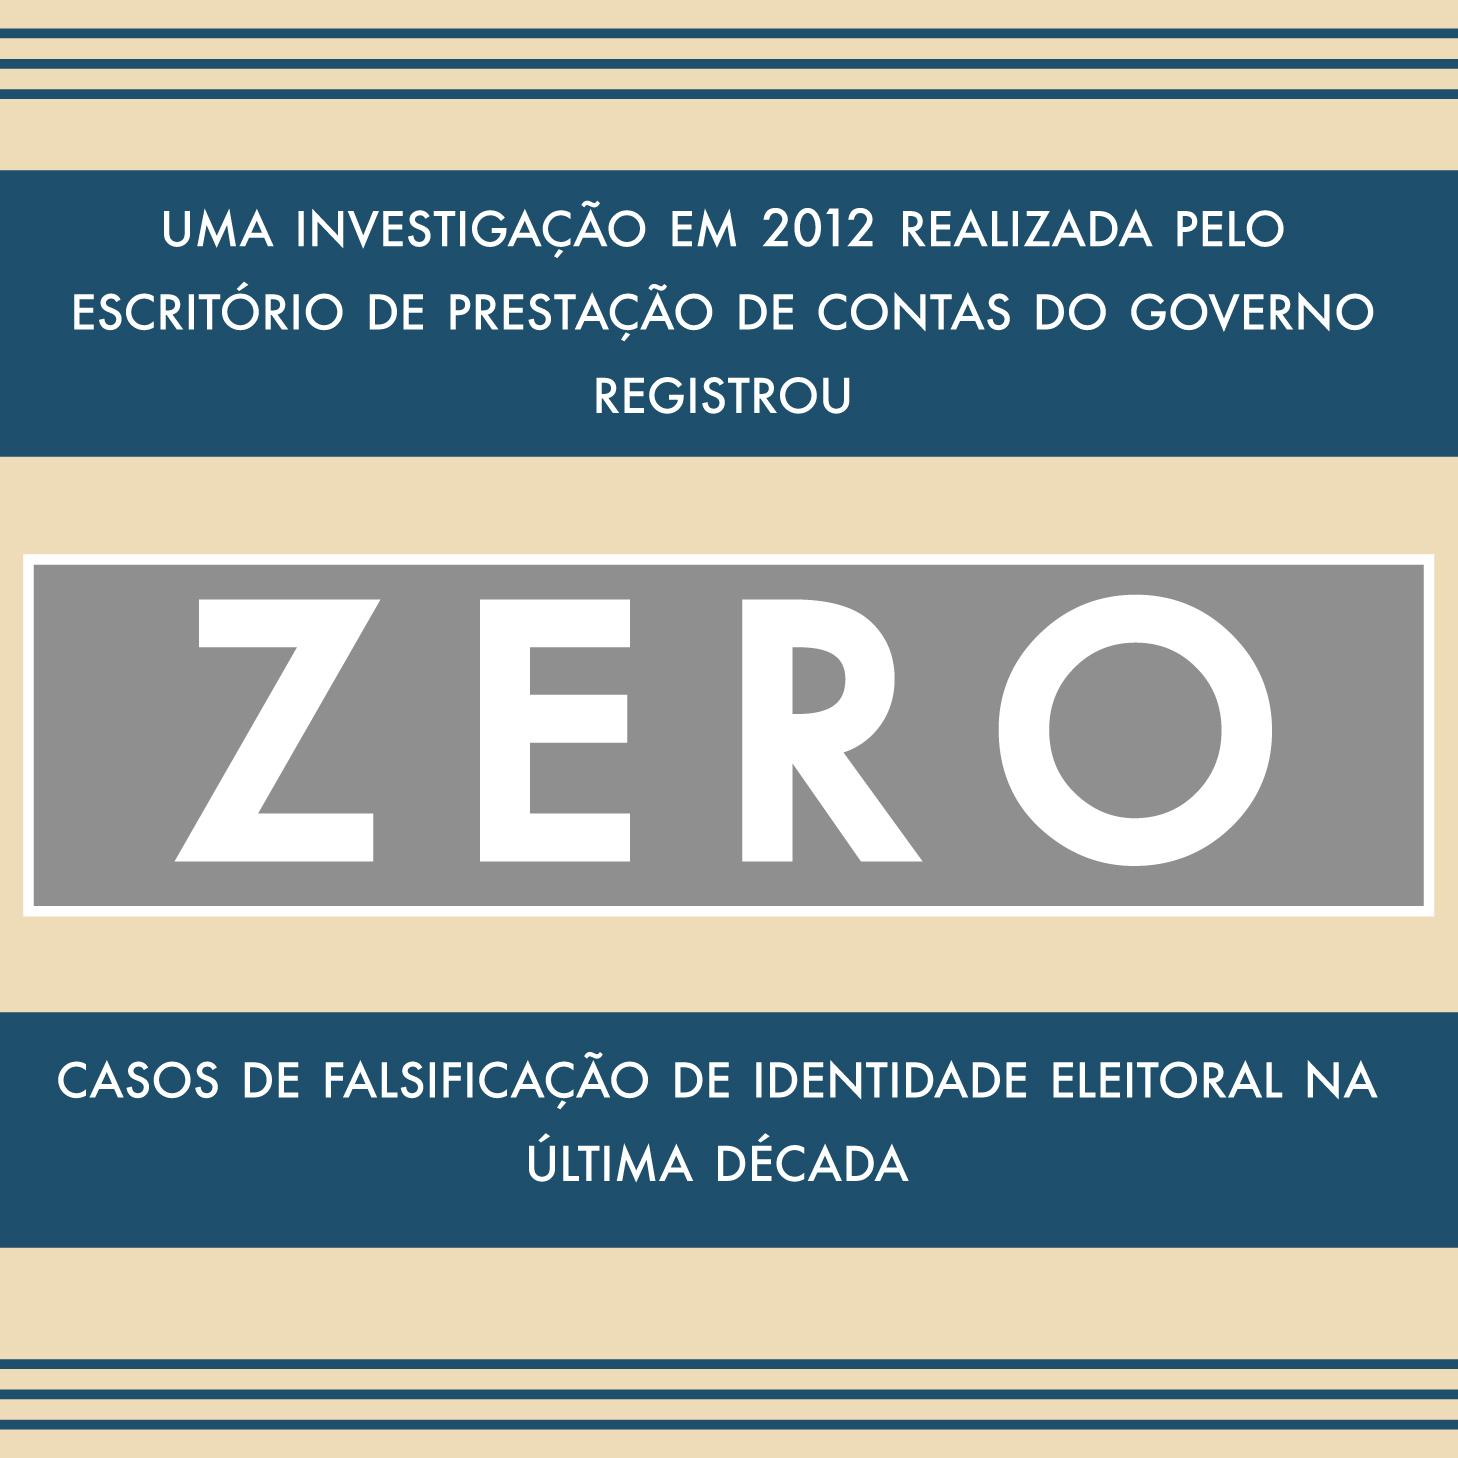 """Gráfico com os dizeres: """"Uma investigação em 2012 realizada pelo Escritório de Contas do Governo registrou zero casos de falsificação de identidade eleitoral na última década"""" (Depto. de Estado/S. Gemeny Wilkinson)"""